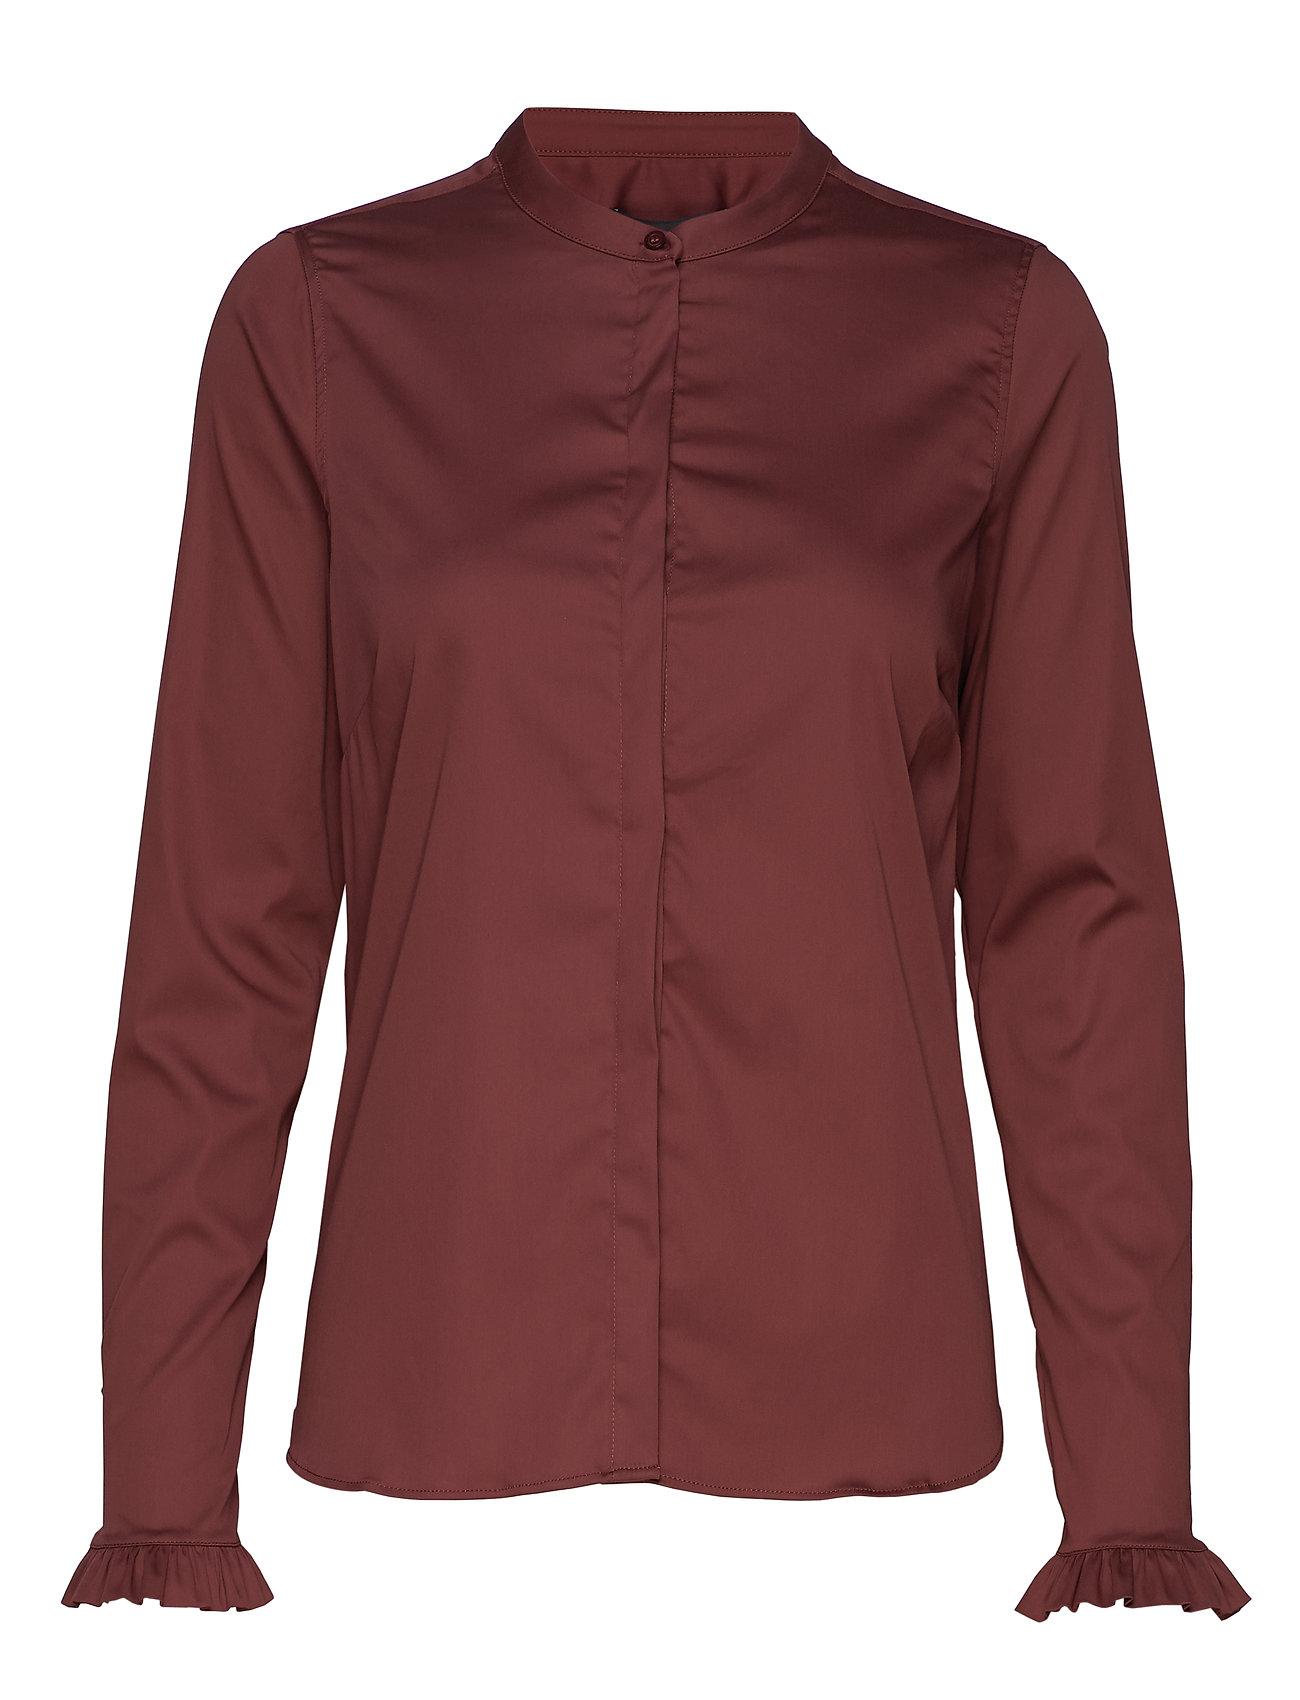 MOS MOSH Mattie Shirt - WILD PLUM